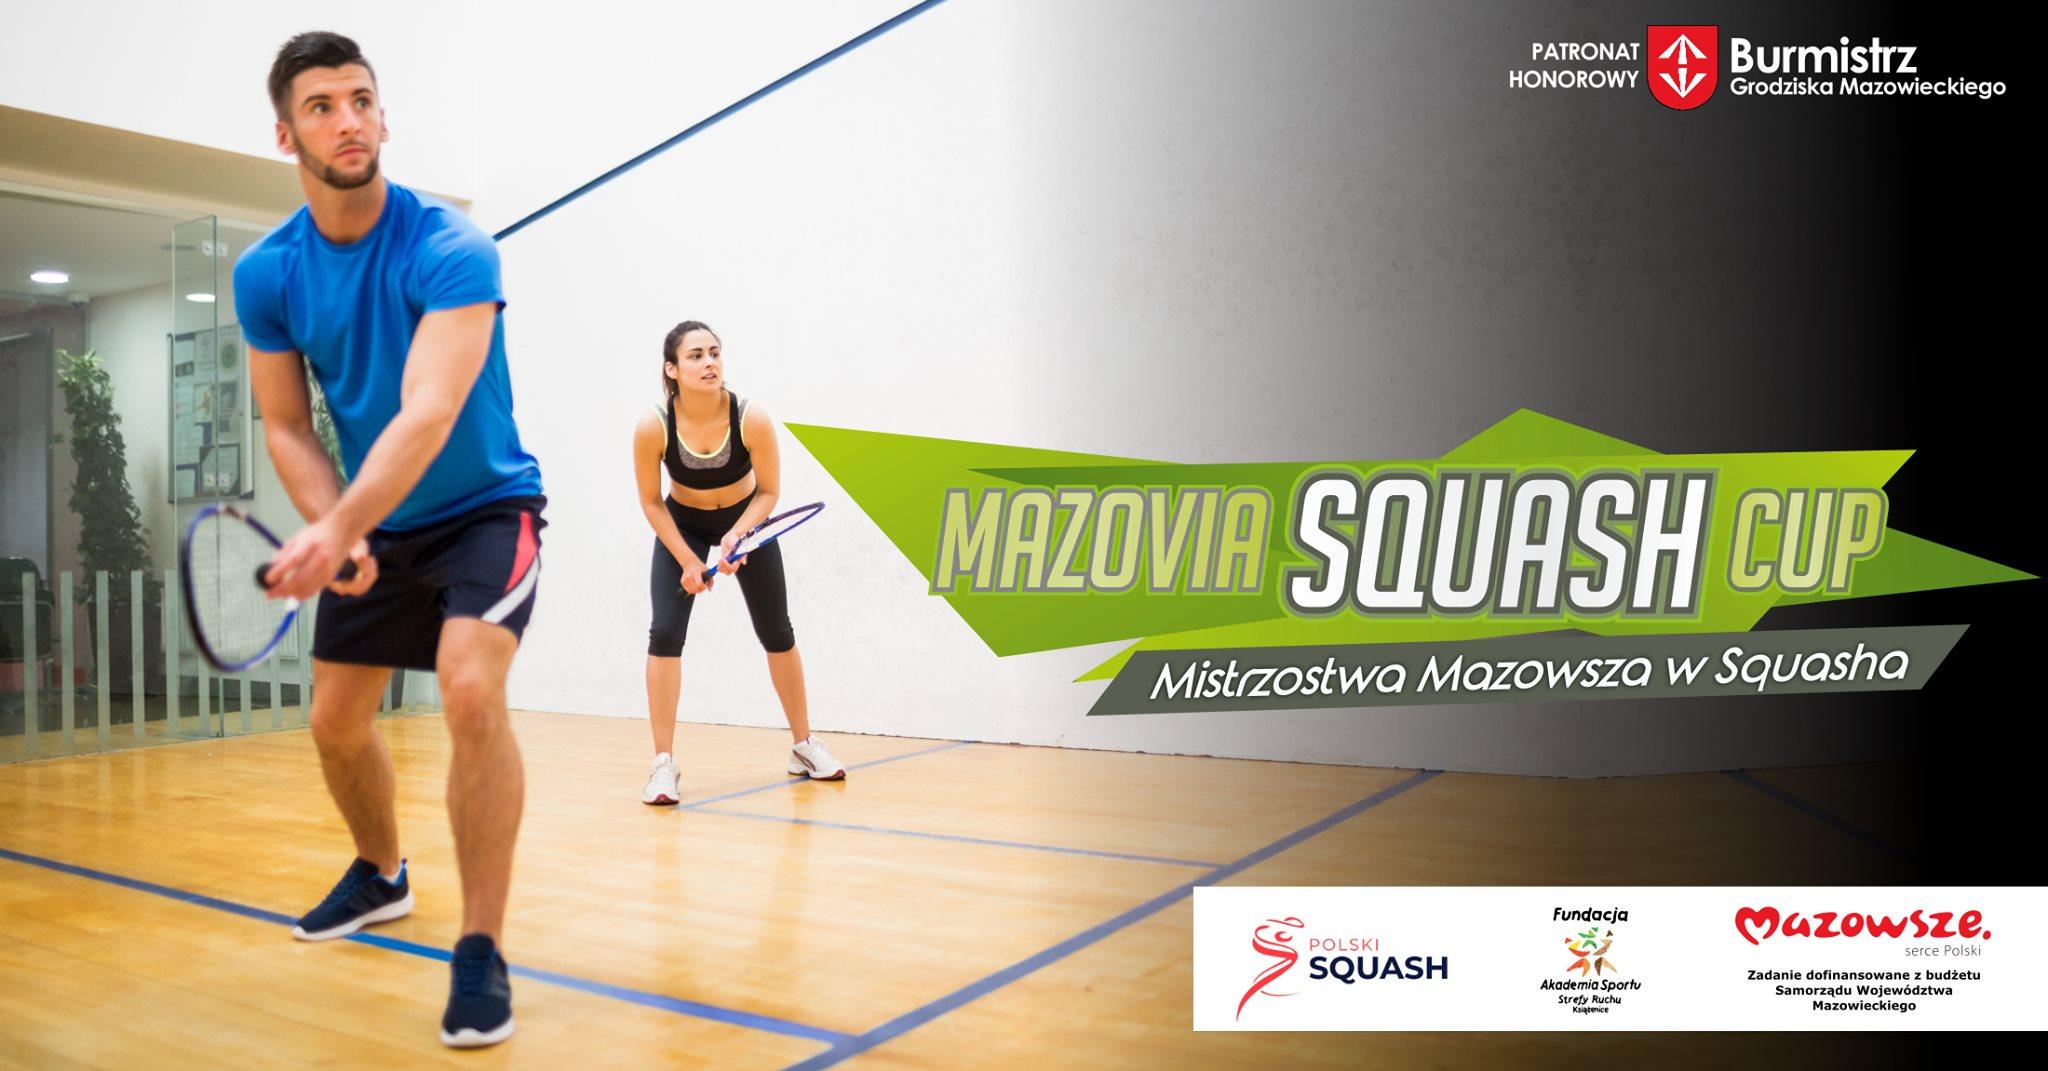 Mazovia squash cup